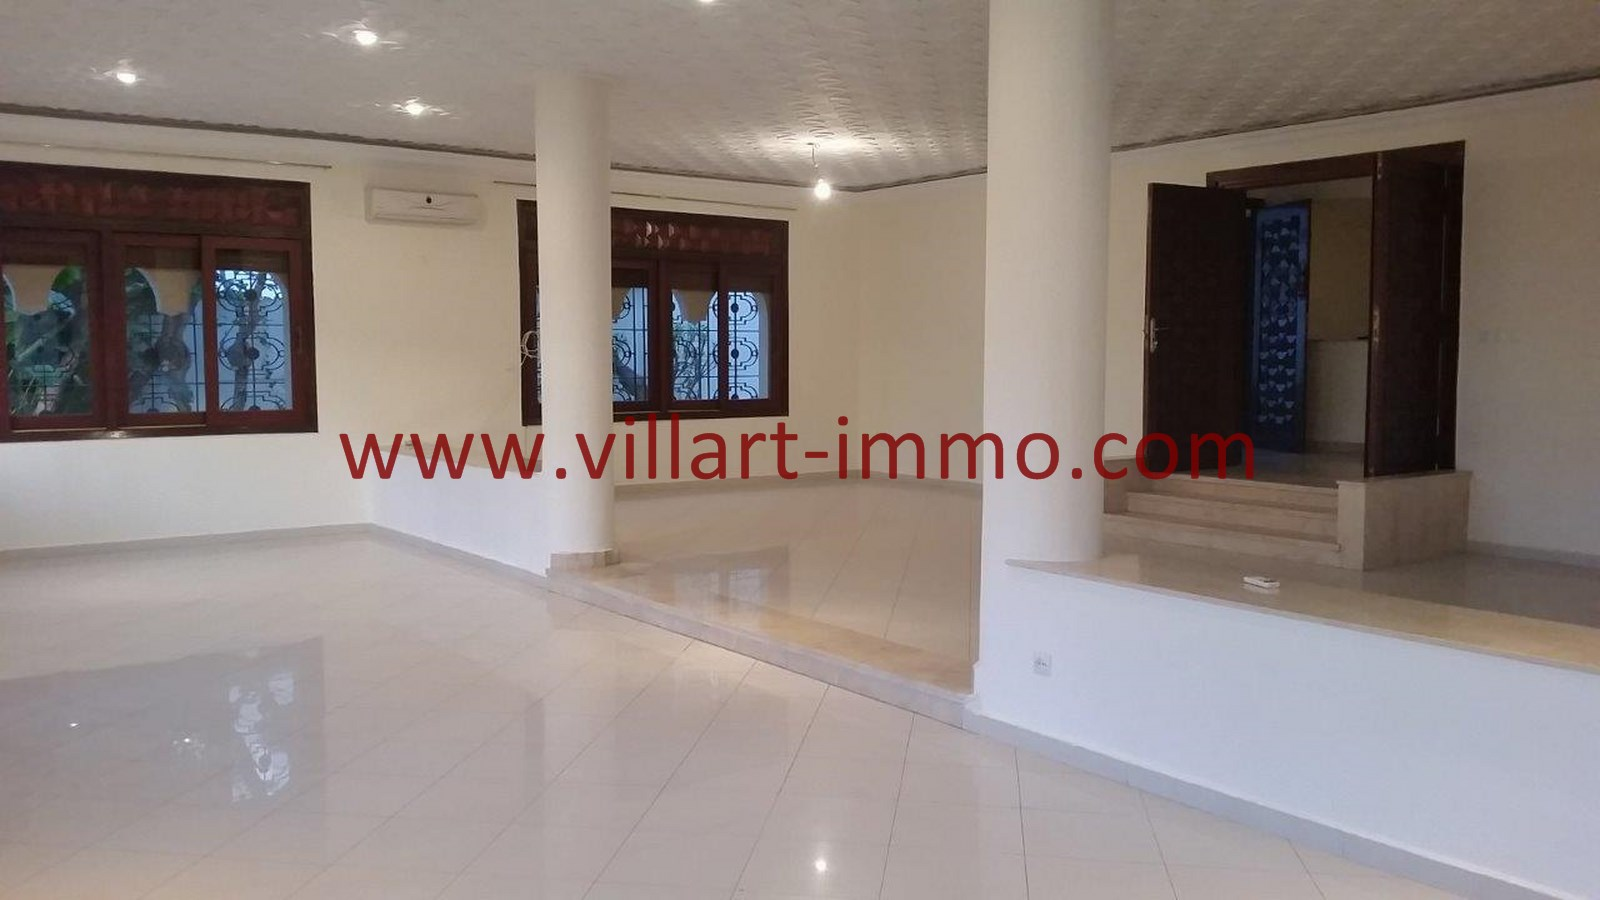 3-a-louer-villa-non-meublee-tanger-salon-lv901-villart-immo